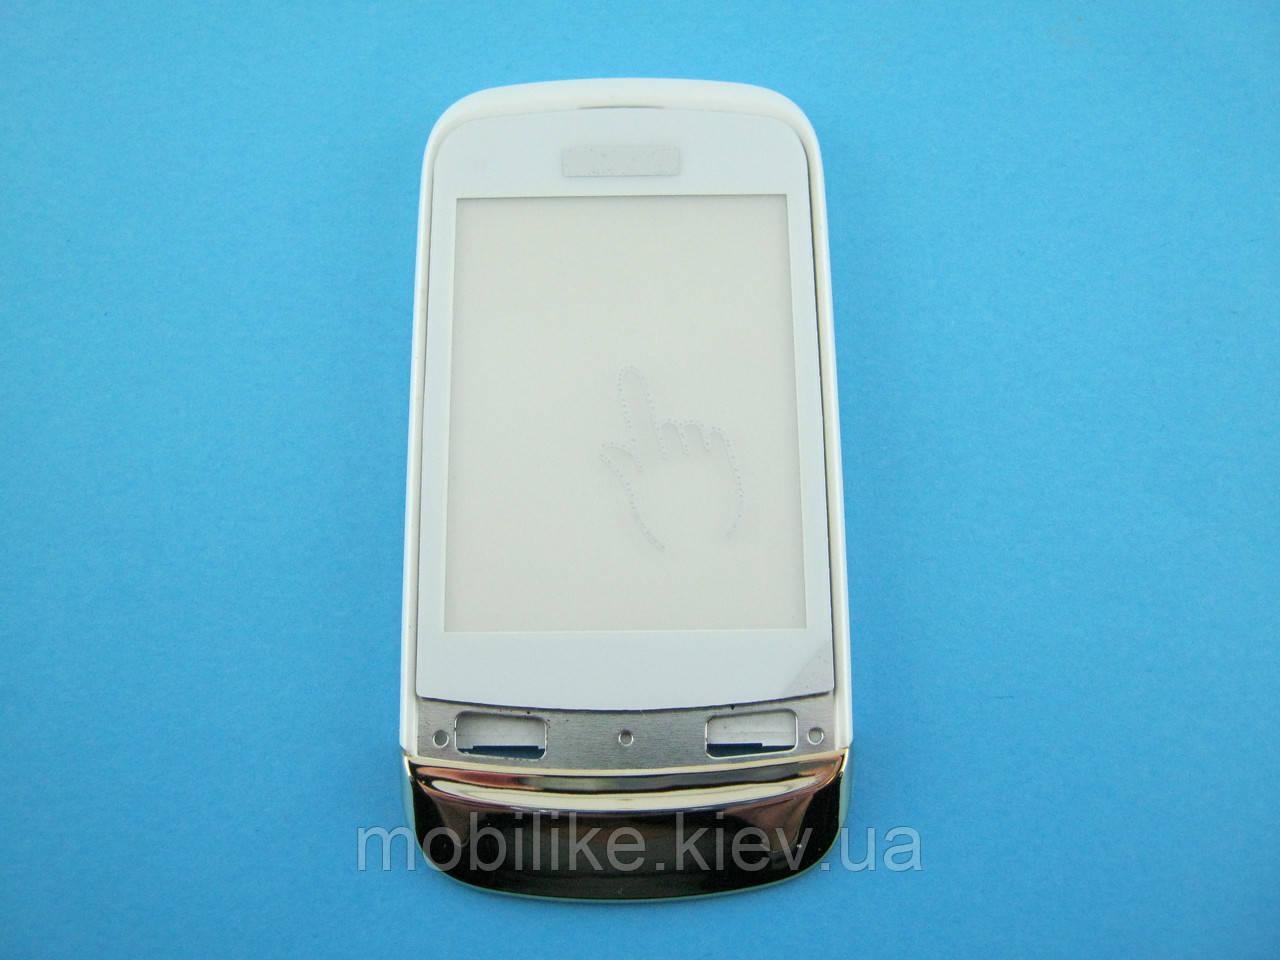 Сенсорный экран Nokia C2-02/C2-03 белый с рамкой